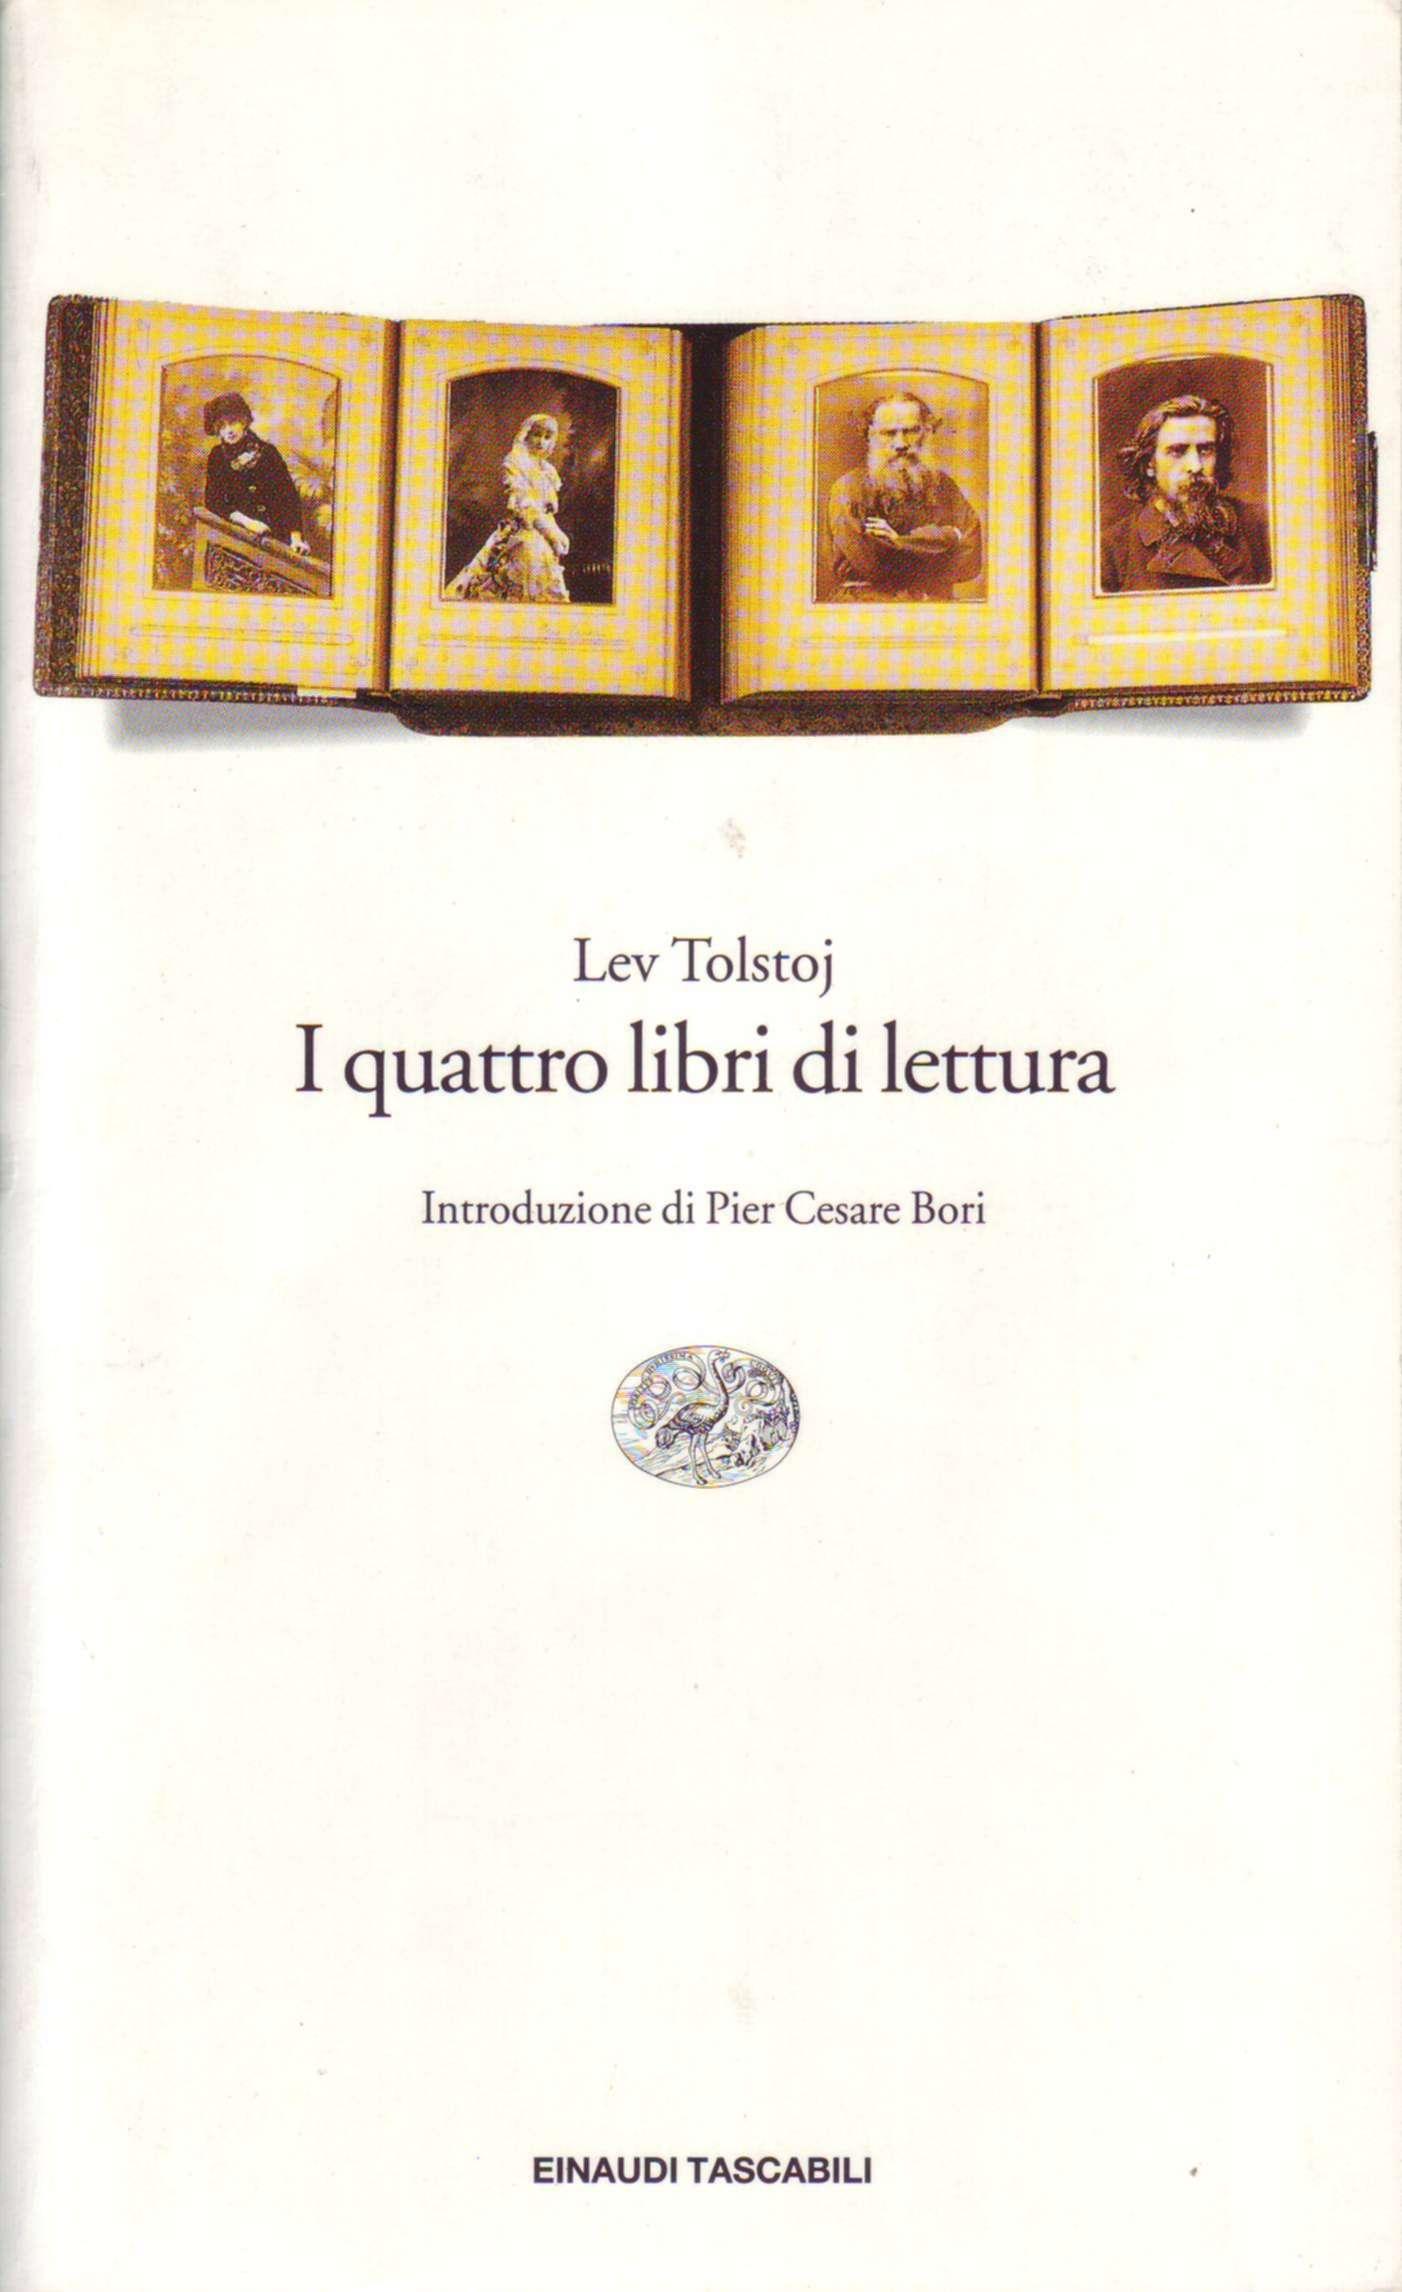 I quattro libri di lettura